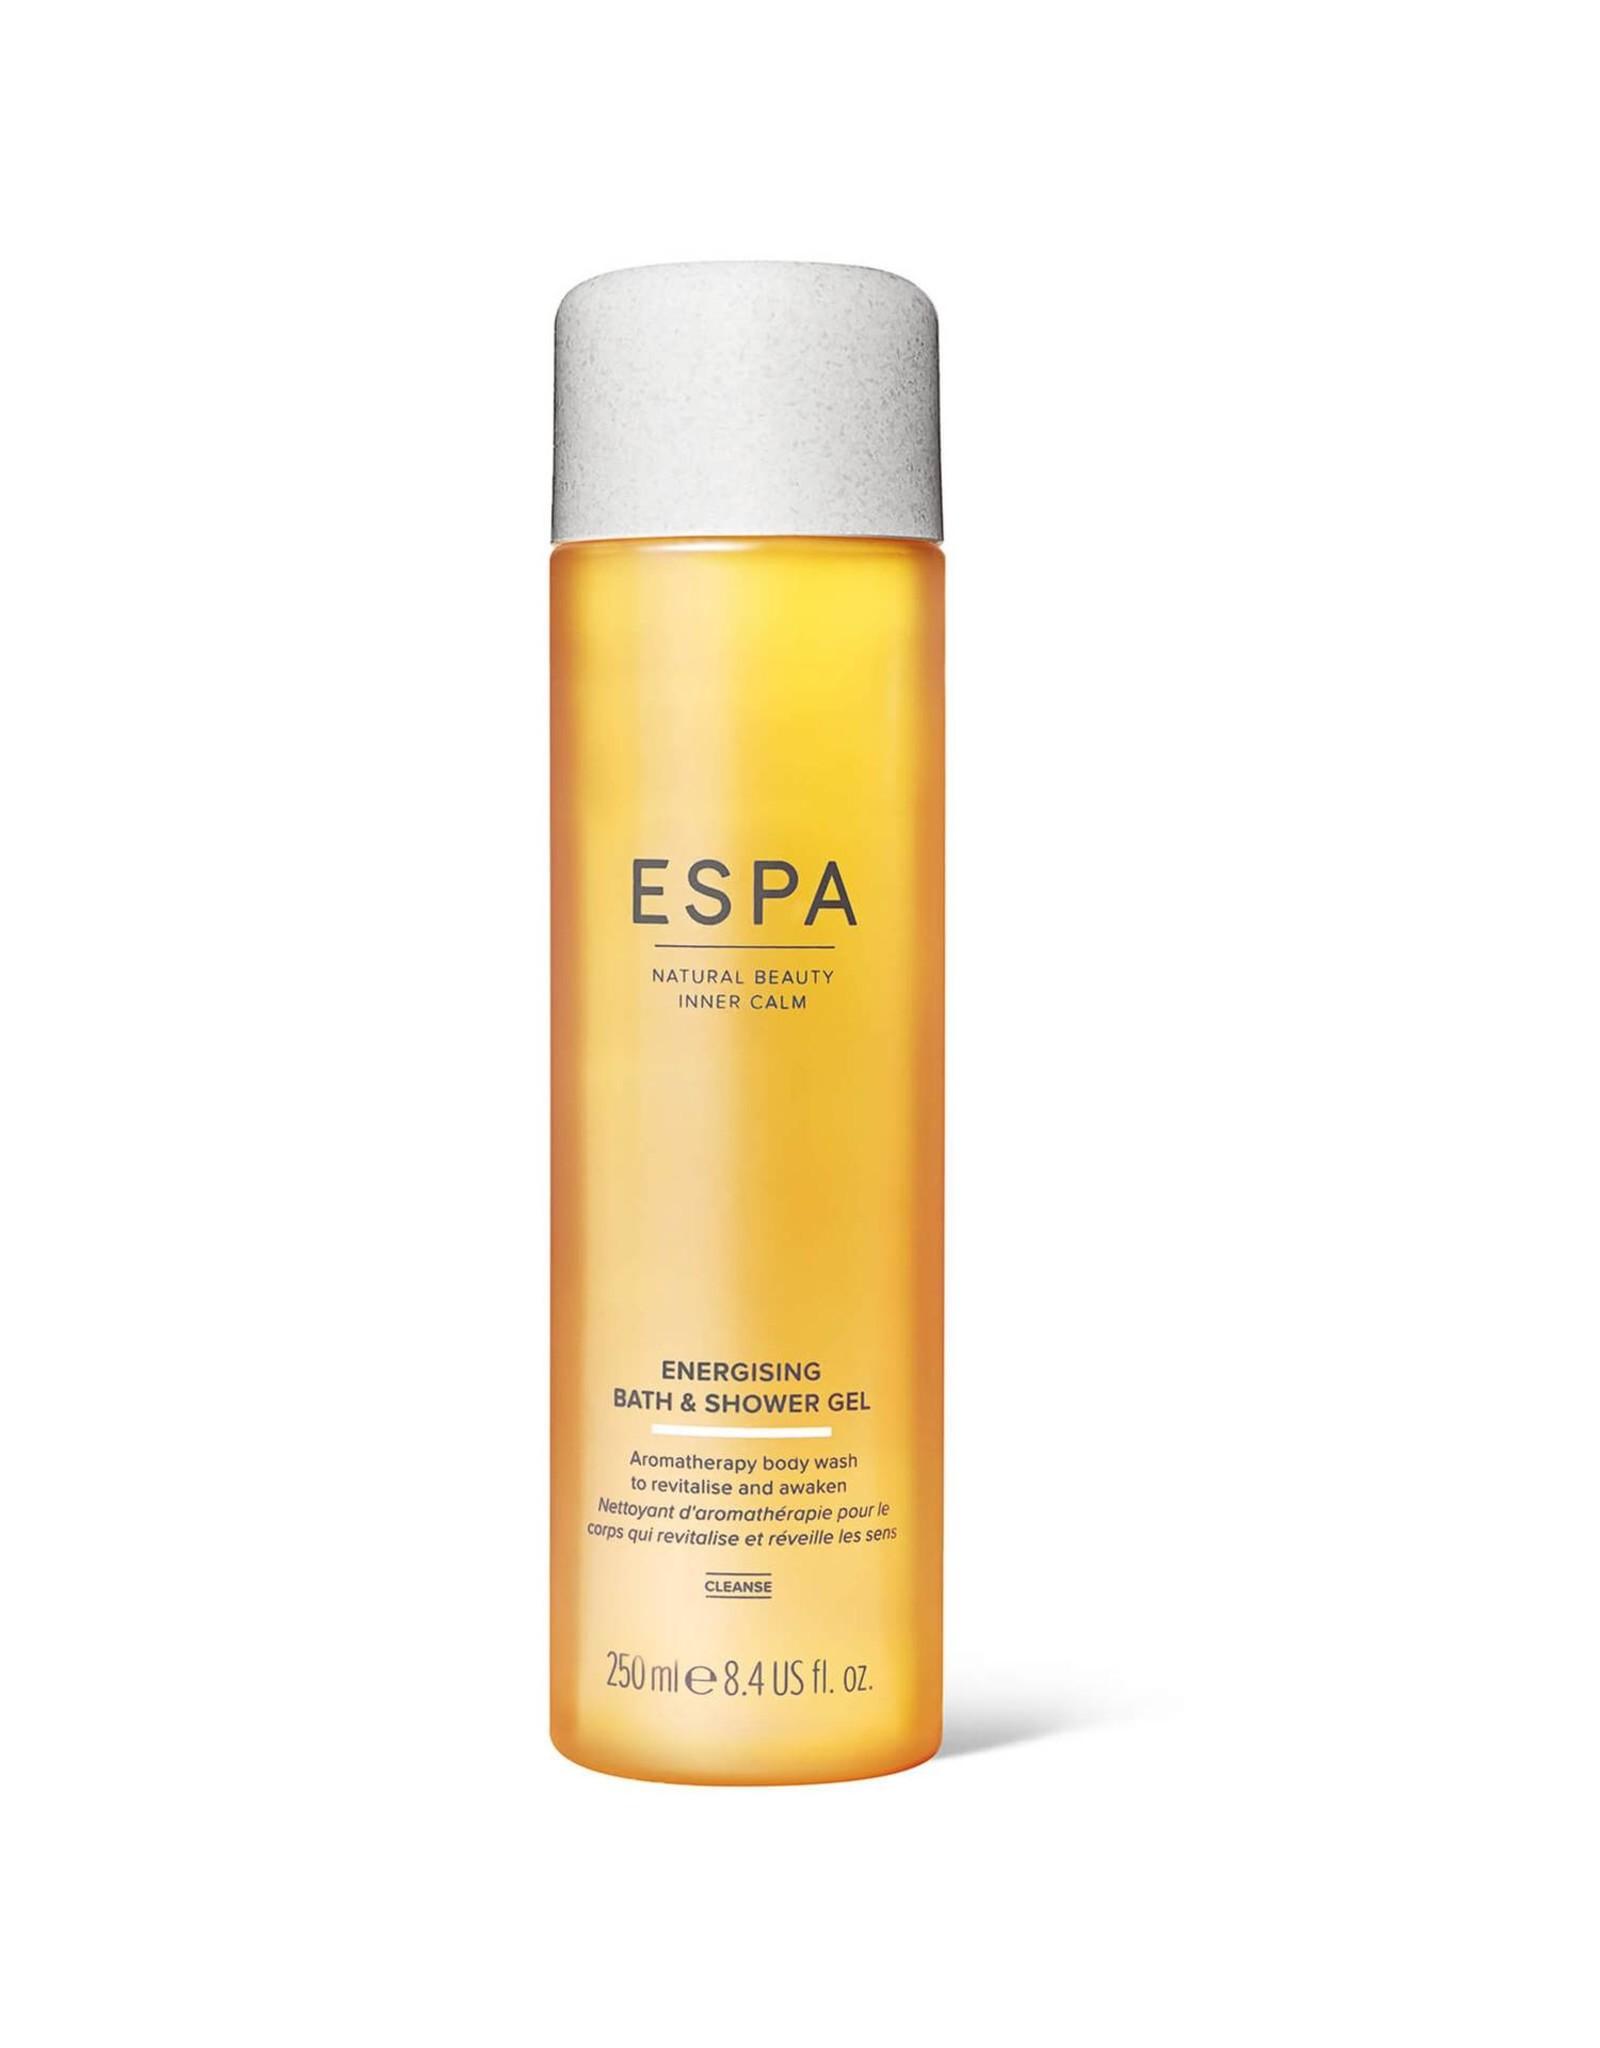 ESPA Energising Bath & Shower Gel, 250ml